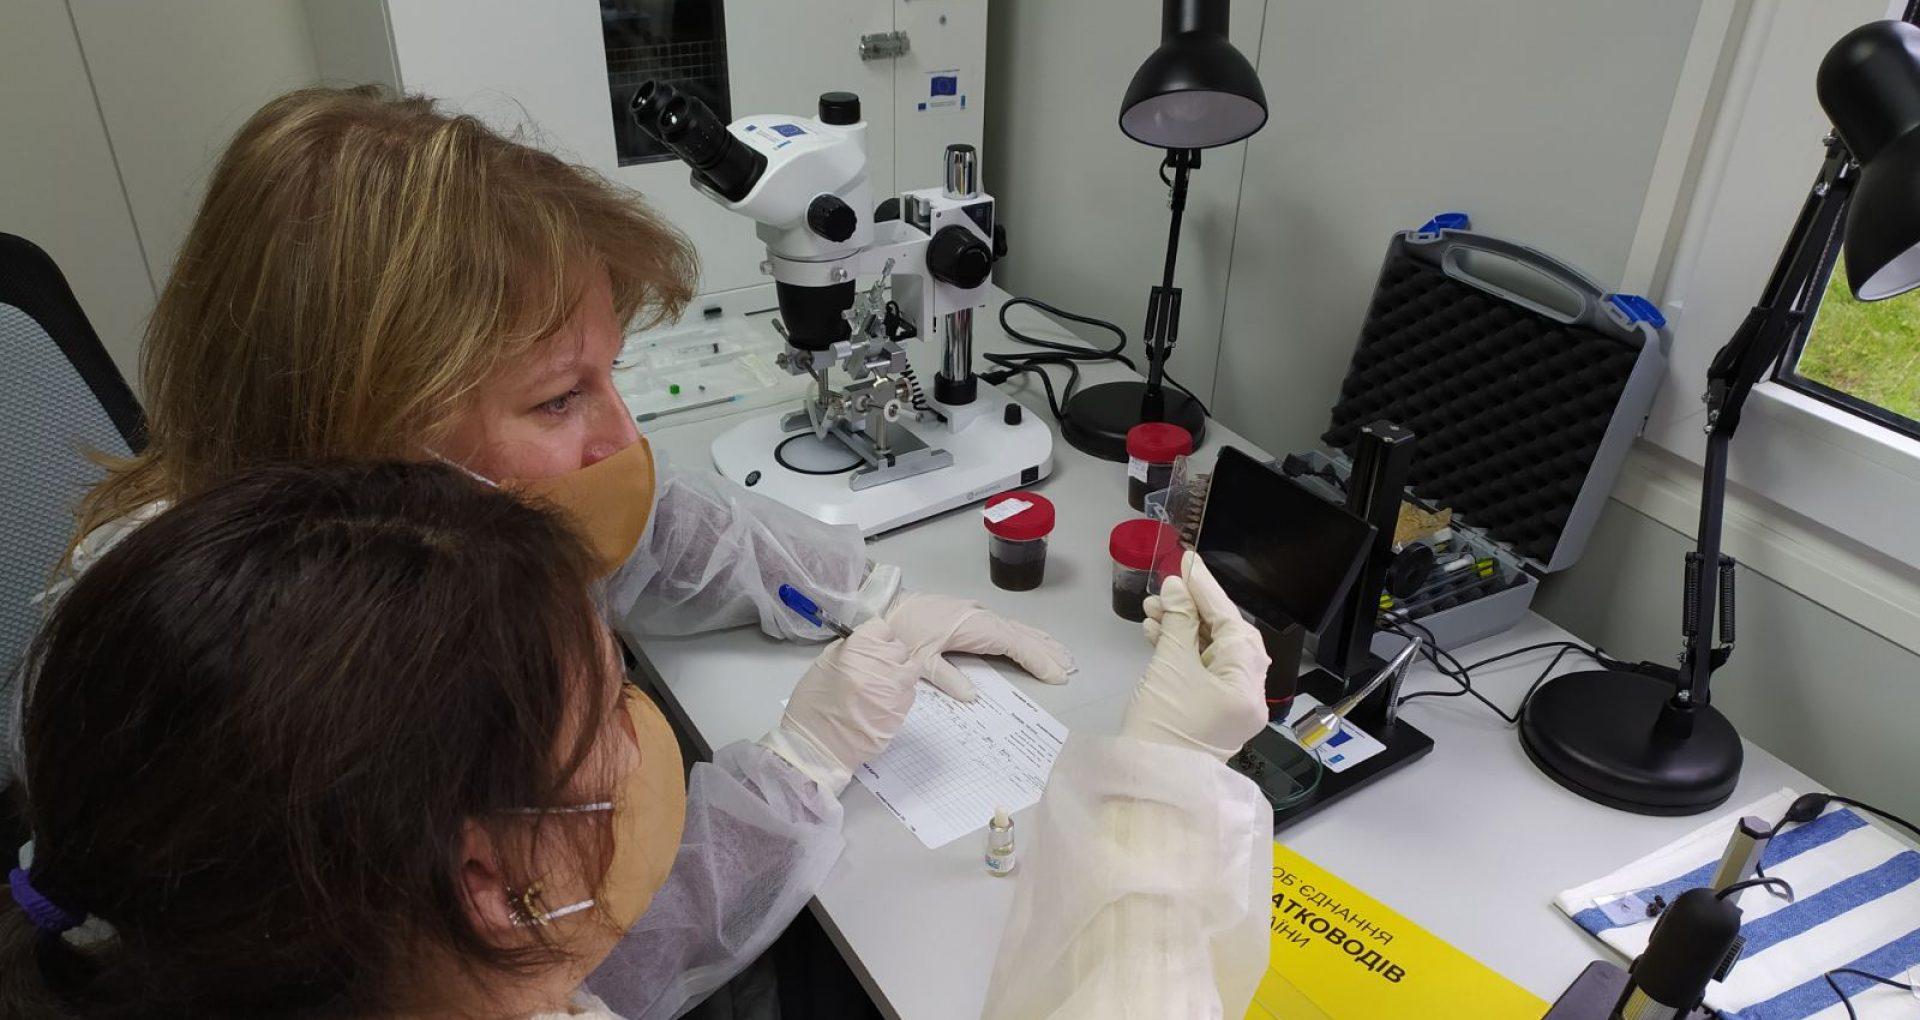 VIDEO, FOTO/ Primul laborator apicol mobil, deschis în stânga Nistrului cu susținerea UE